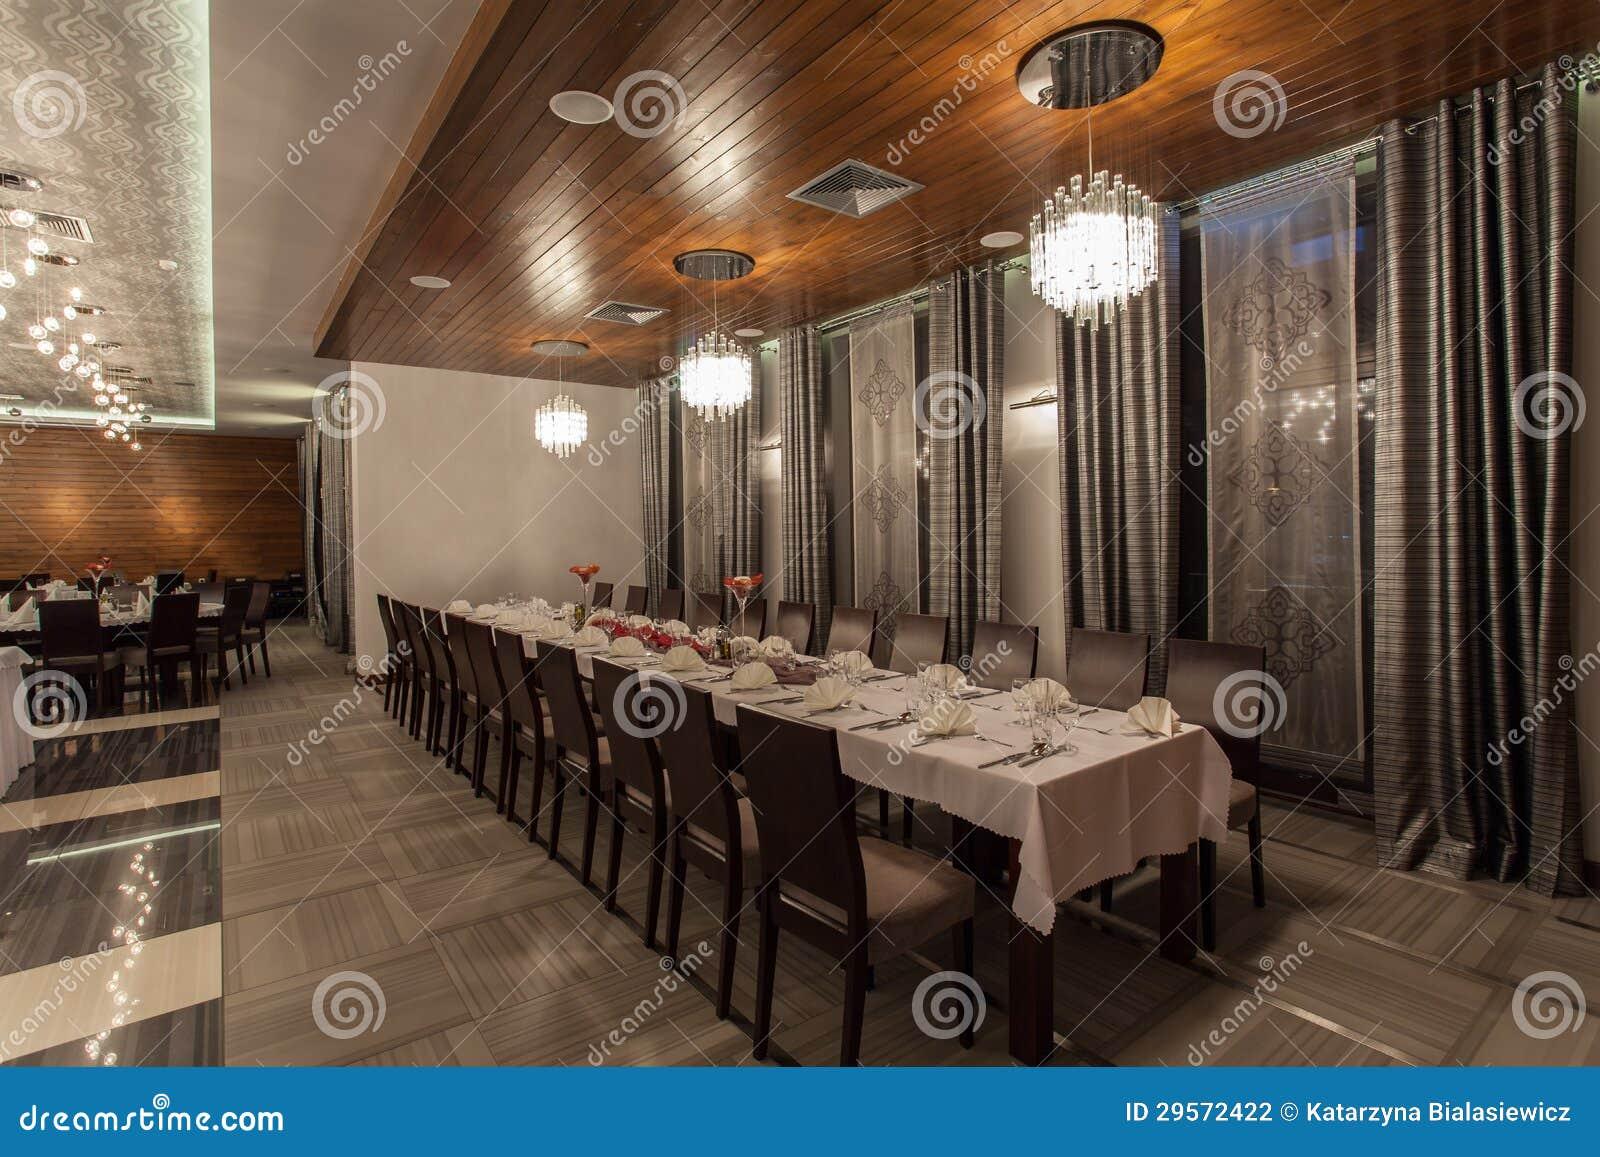 Δασόβιο ξενοδοχείο - επιτραπέζιο σύνολο